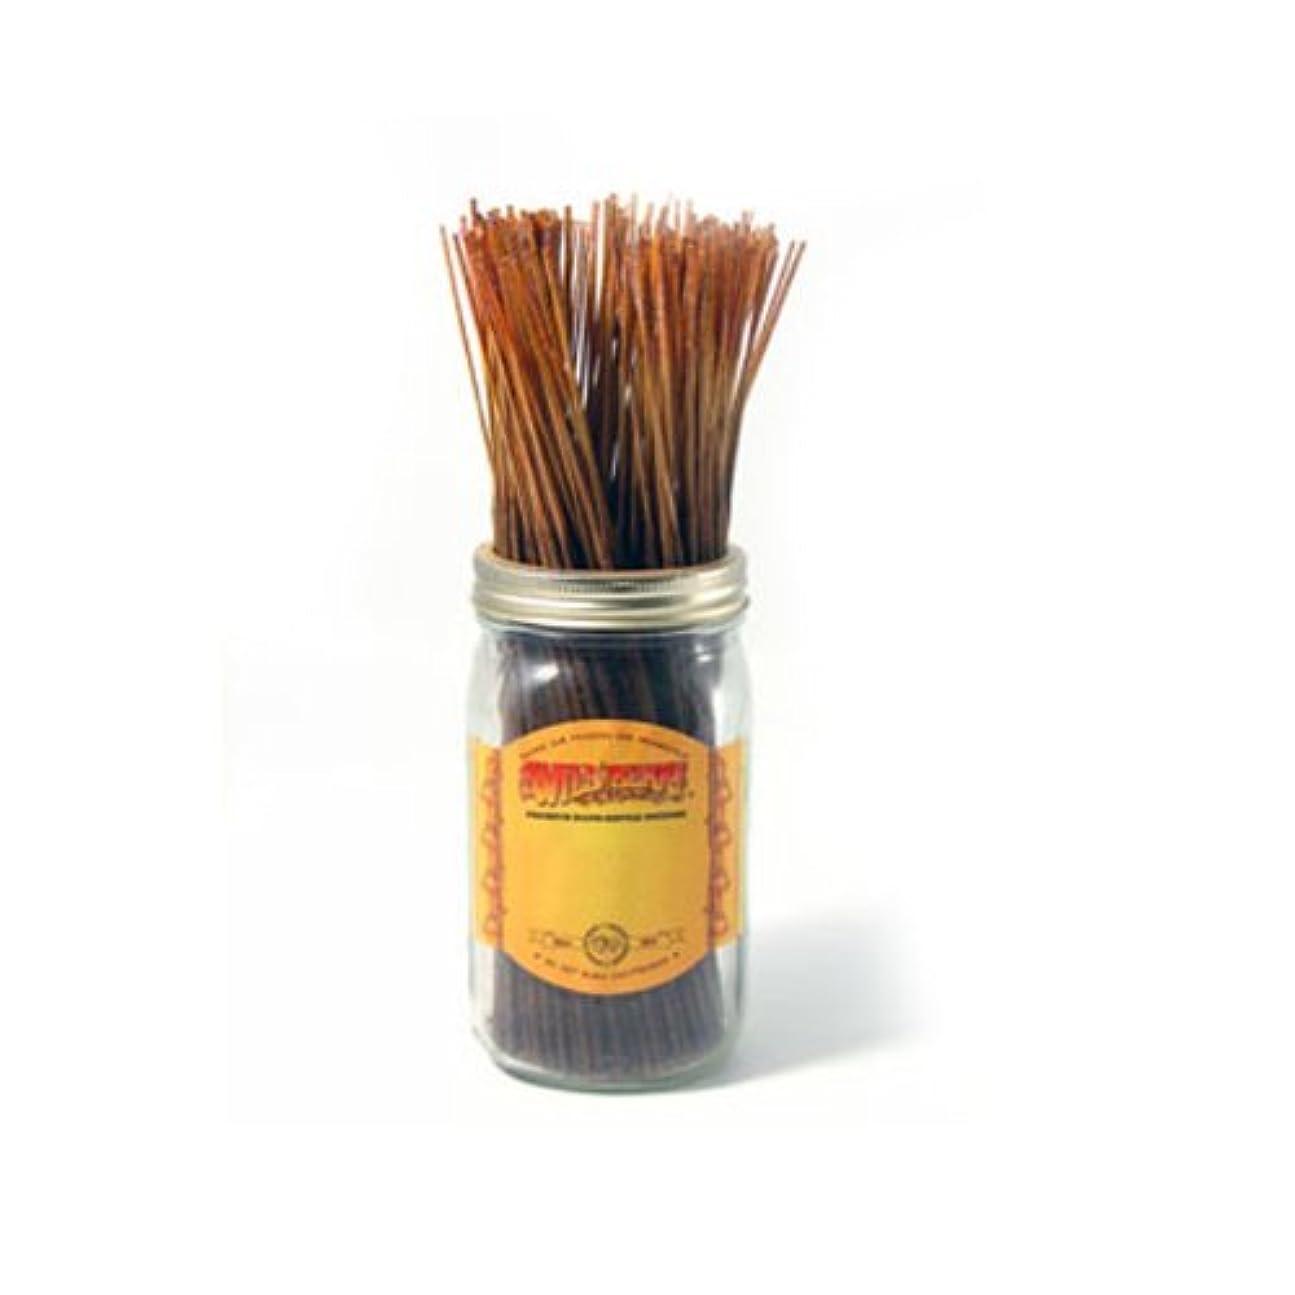 ラジエーター最も遠い悪いFantasia - 100 Wildberry Incense Sticks by Wildberry [並行輸入品]